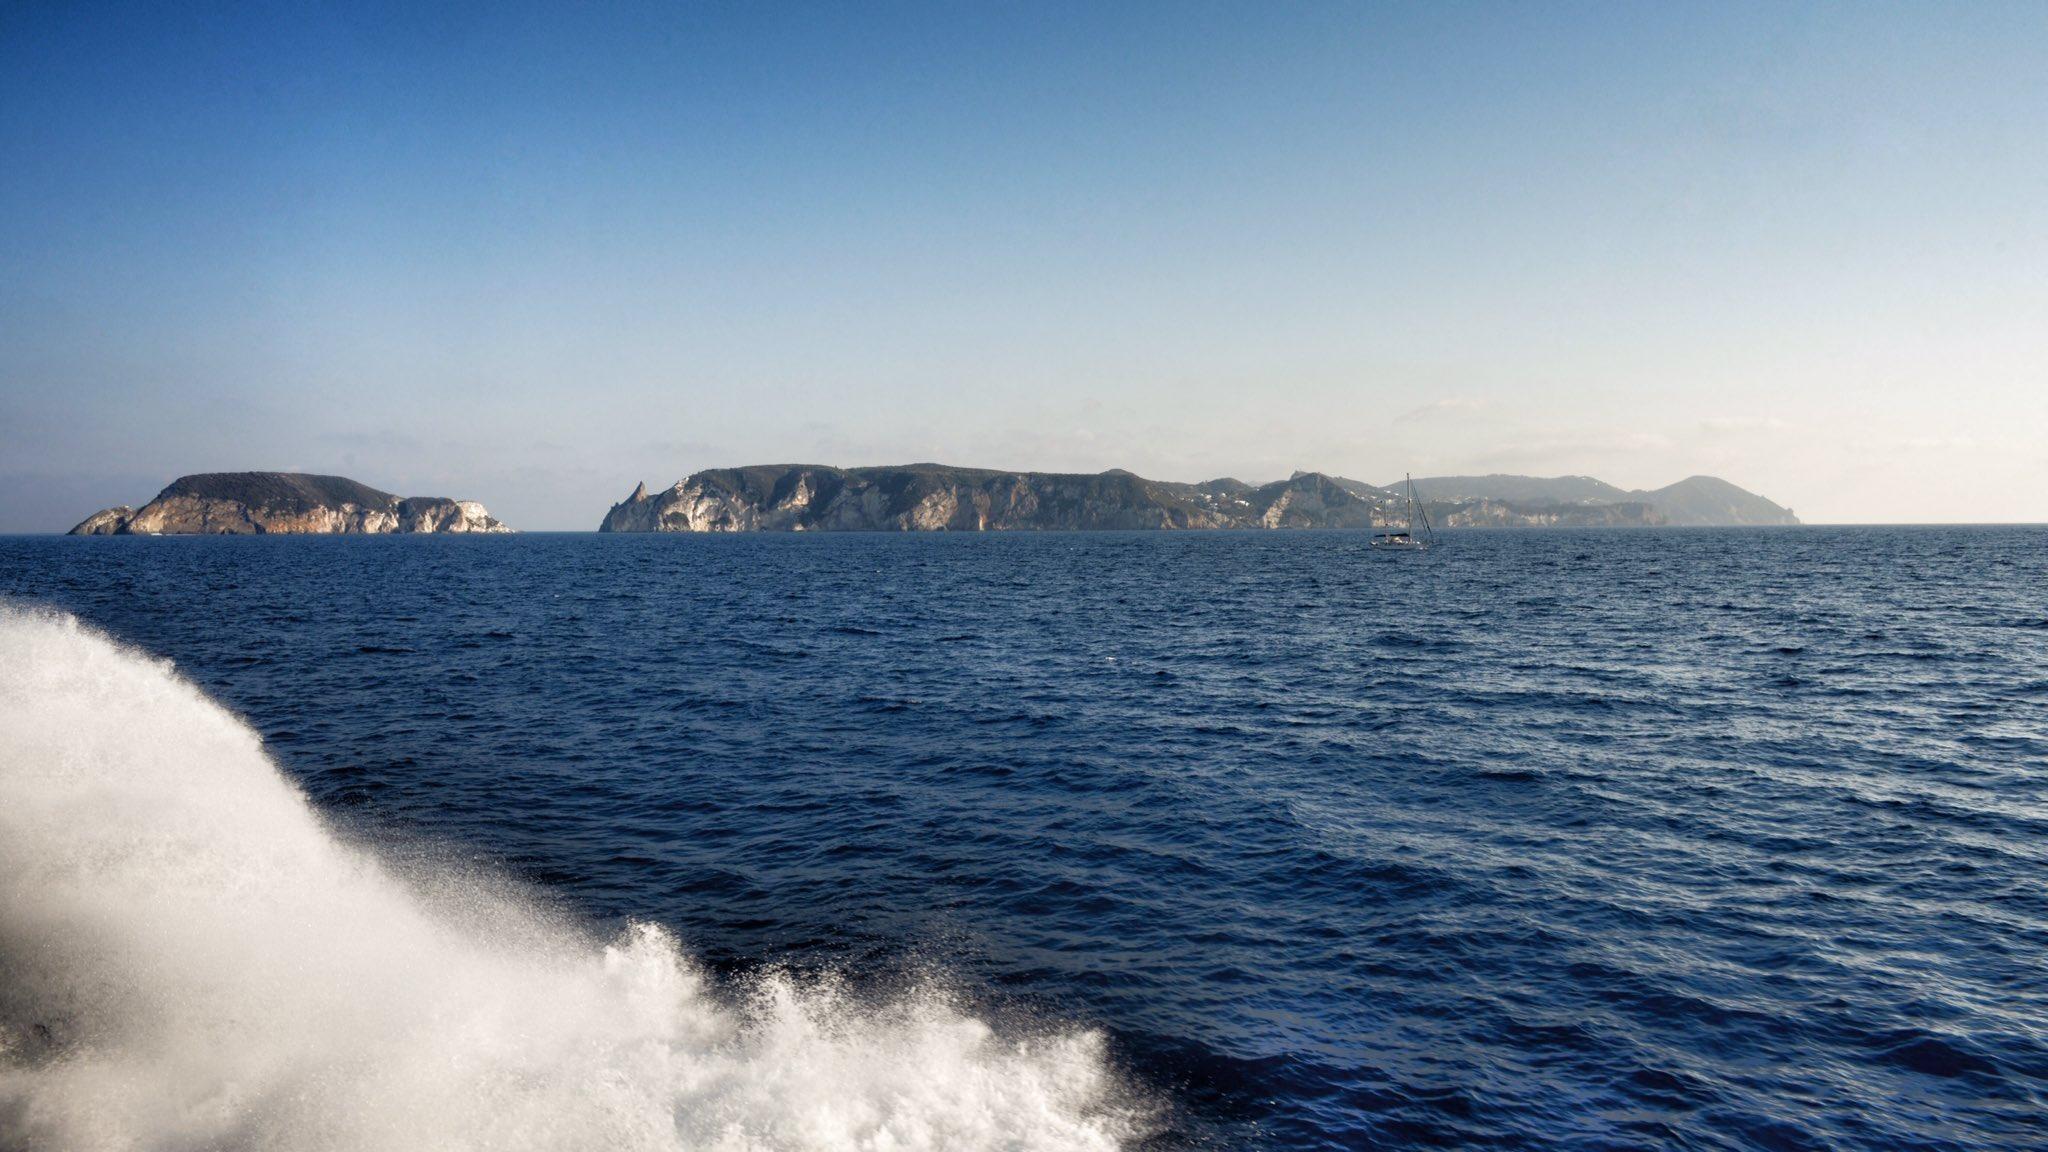 Stasera l'isola vi aspetta, e non è un reality. #ponzadautore (seconda parte) https://t.co/7mj56kmA03